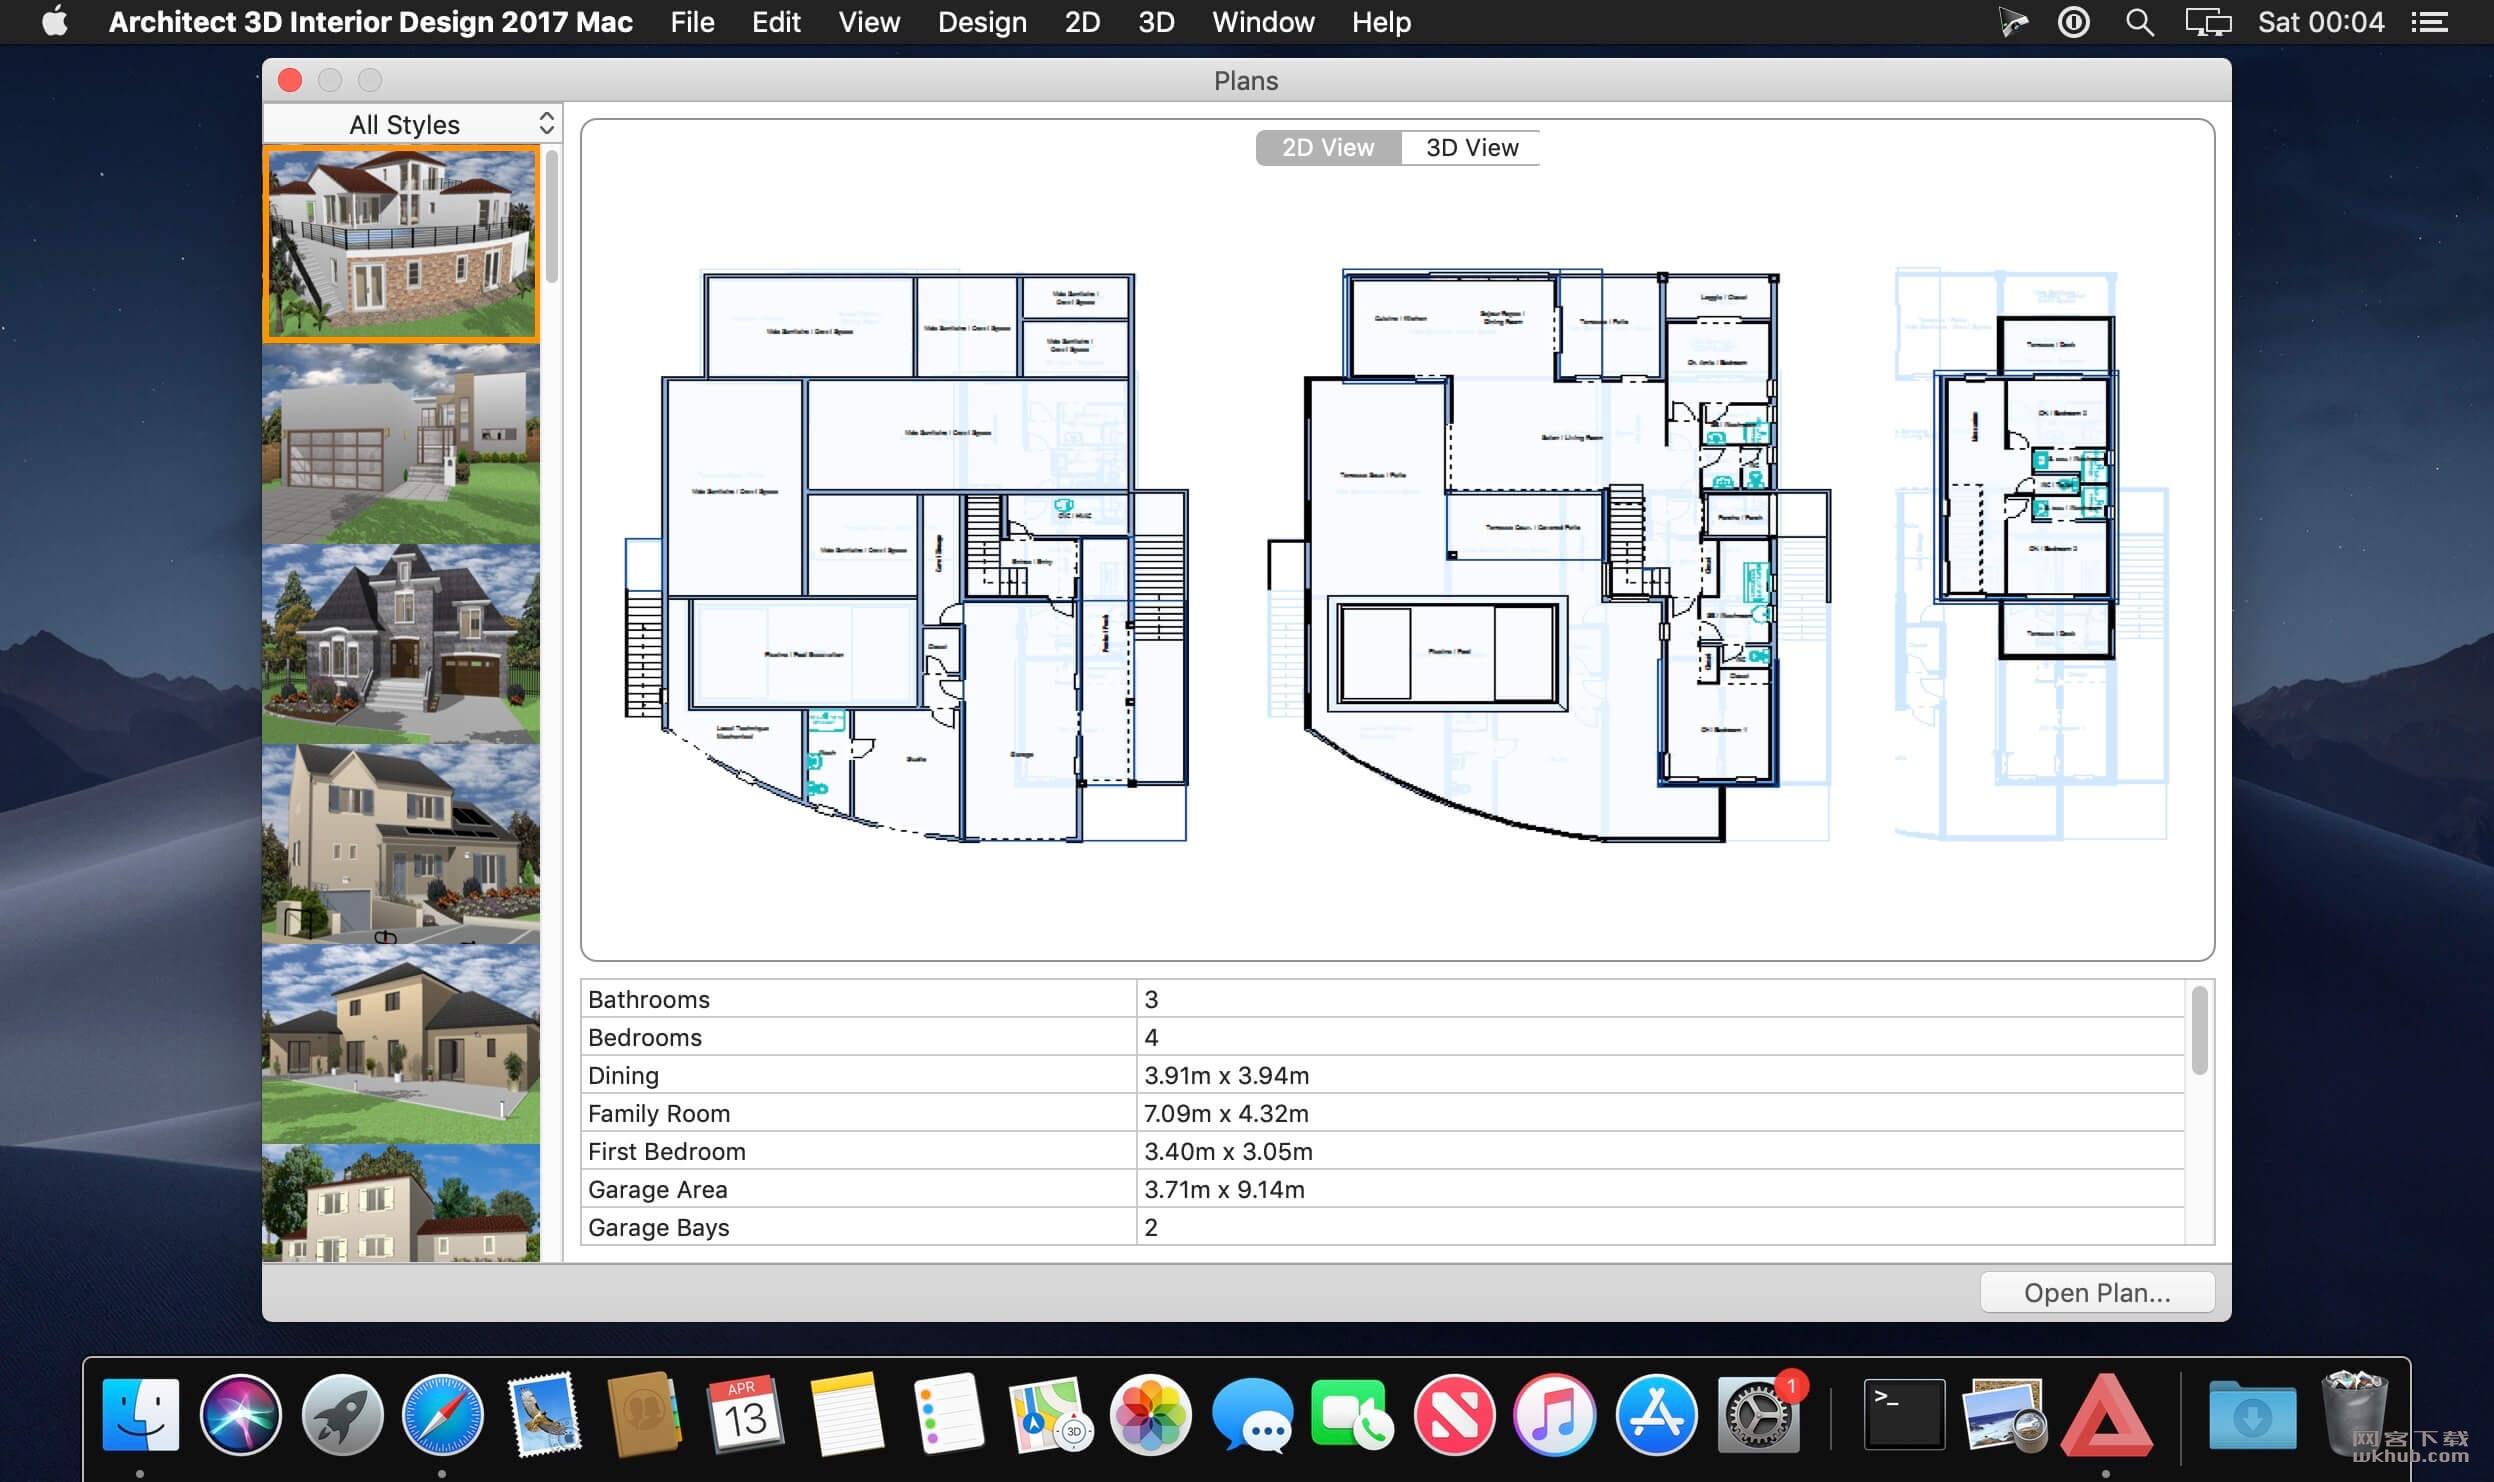 Architect 3D Interior Design 2017 19.0.8 室内设计应用程序